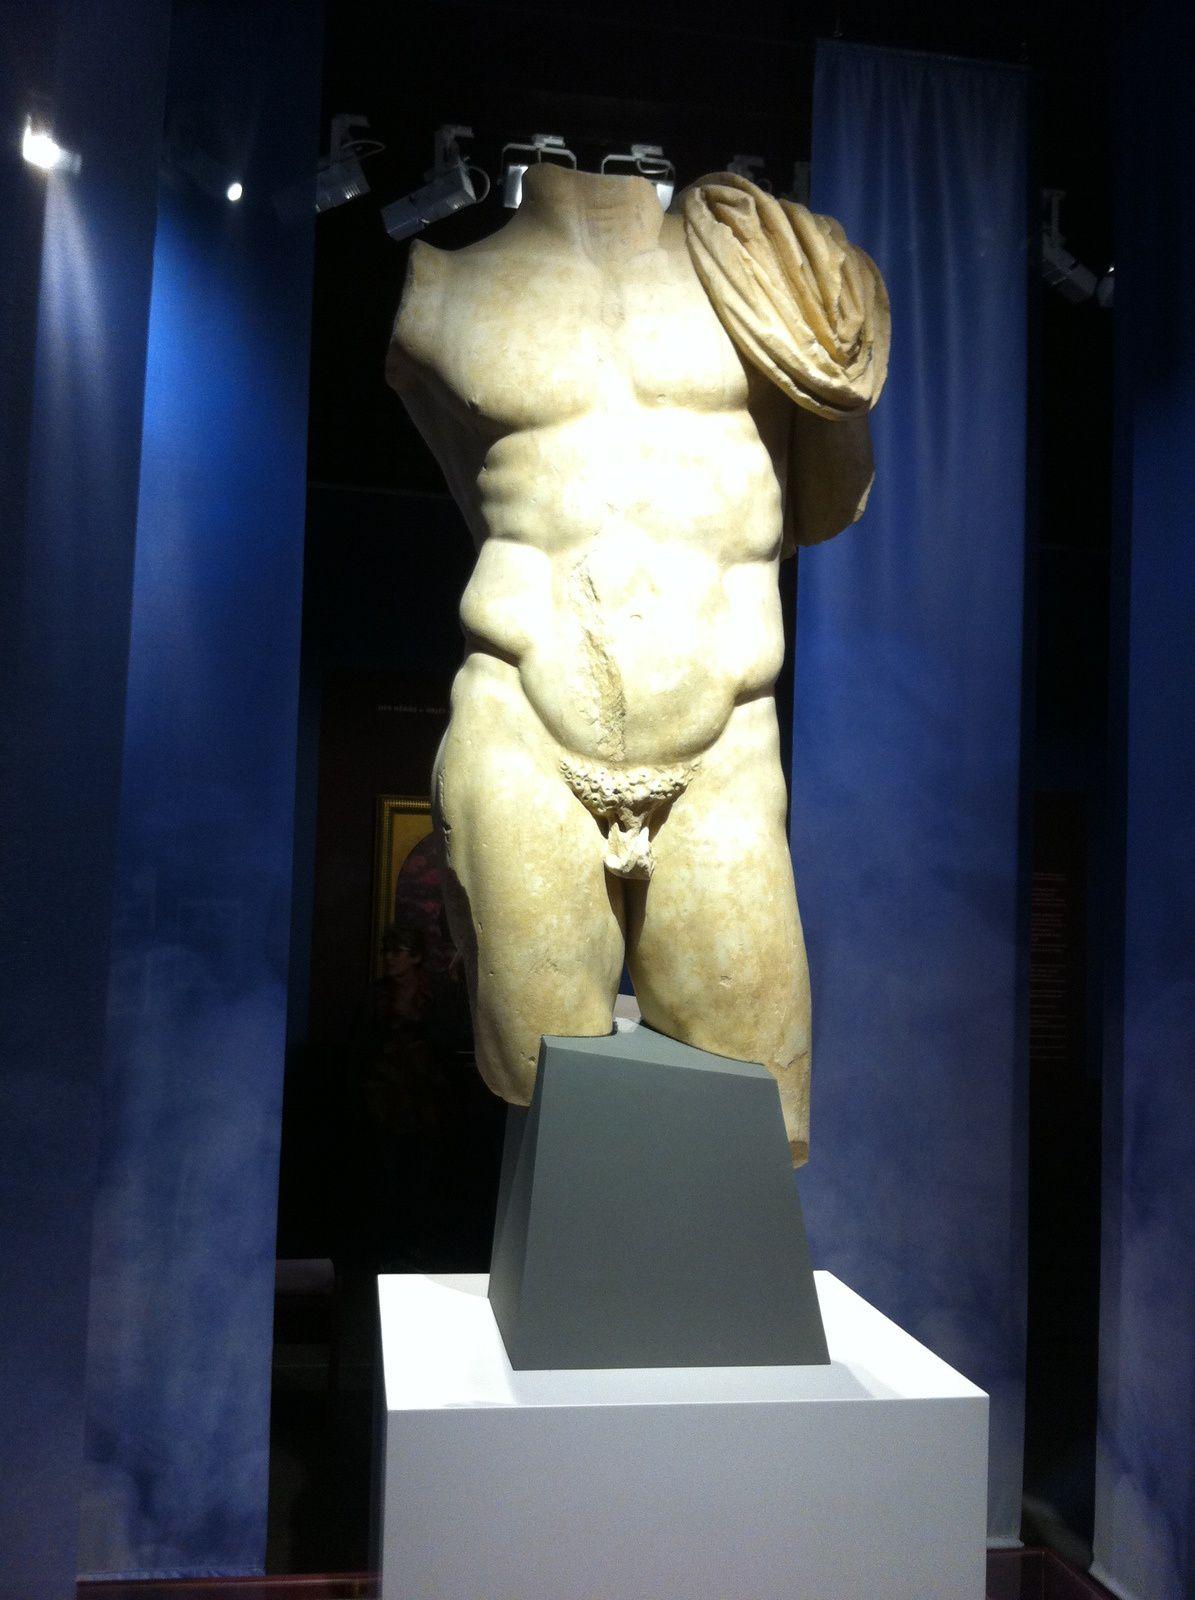 Découverte en 1992 sur le site antique d'Alba La Romaine, cette statue de marbre d'Italie, datée du IIé siècle après J C, est un objet archéologique unique en son genre